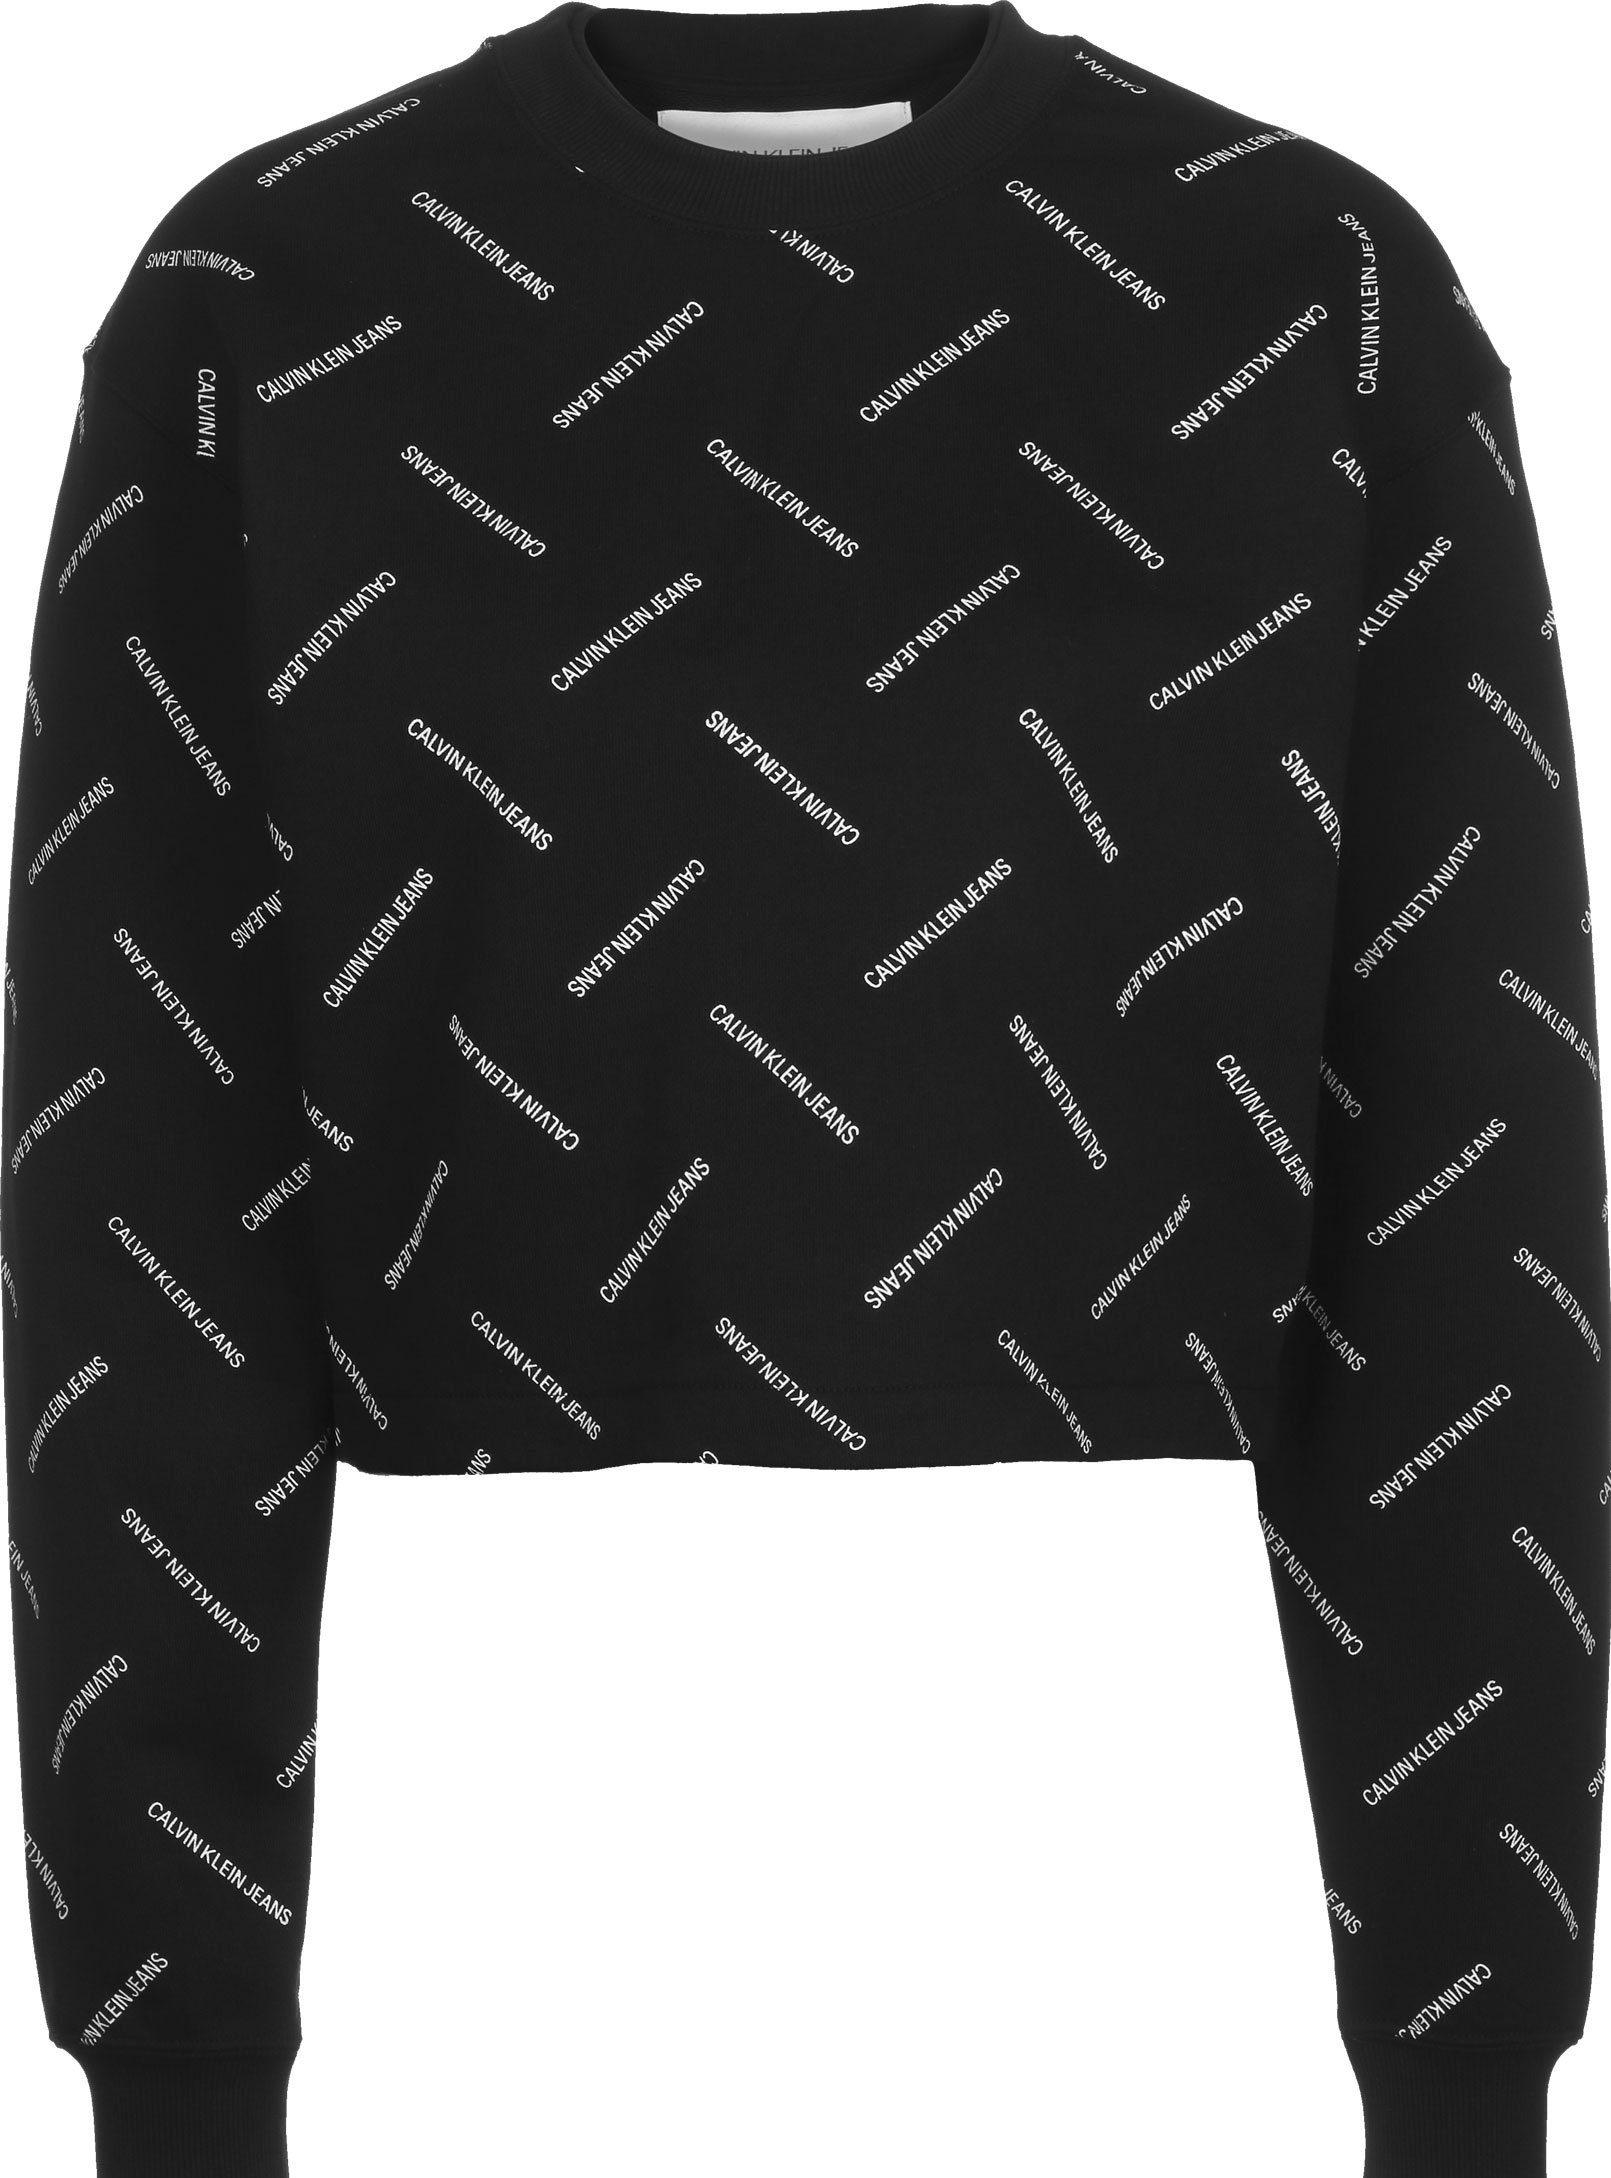 Bluza czarna LOGO Calvin Klein